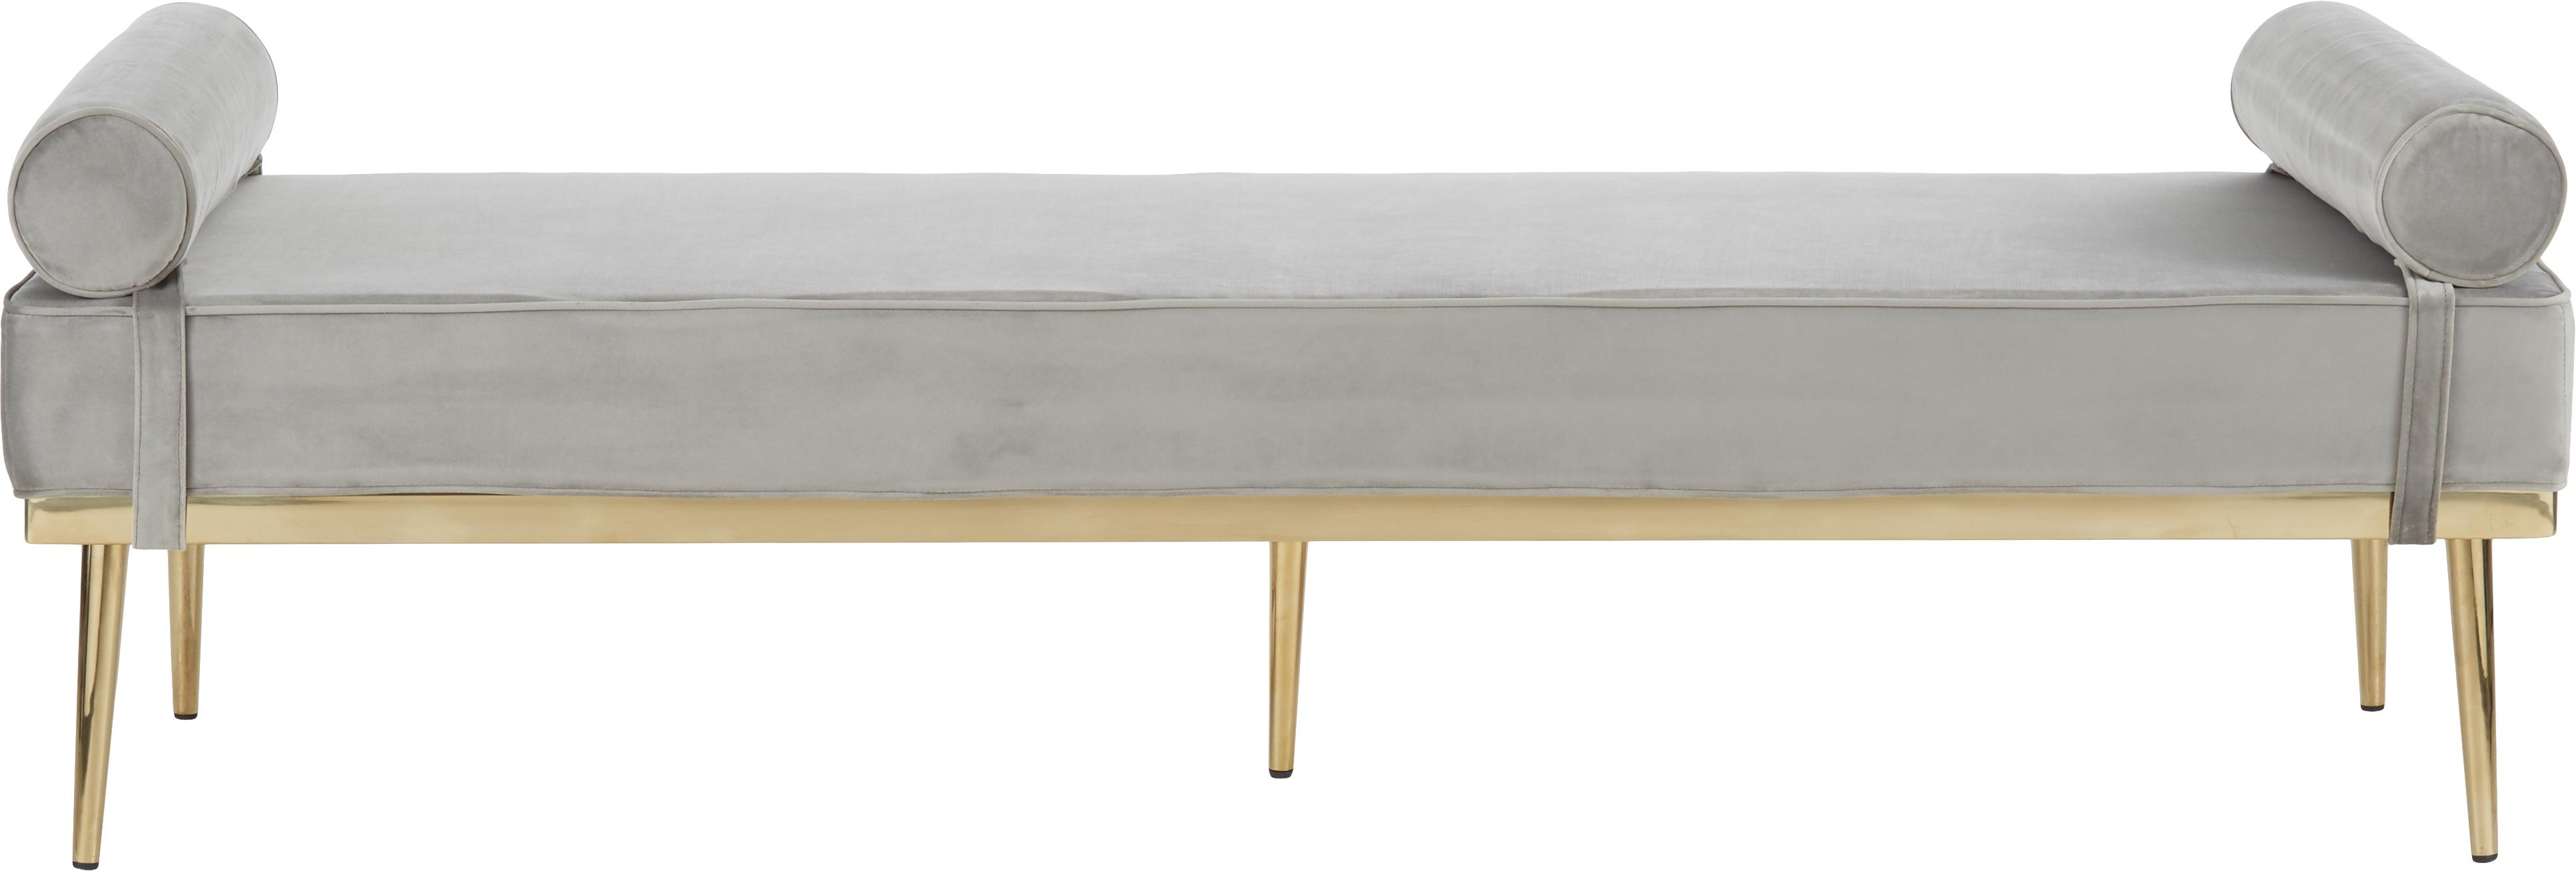 Diván de terciopelo Aurora, Tapizado: terciopelo (tapizado de p, Patas: metal, recubierto, Gris, An 180 x Al 42 cm